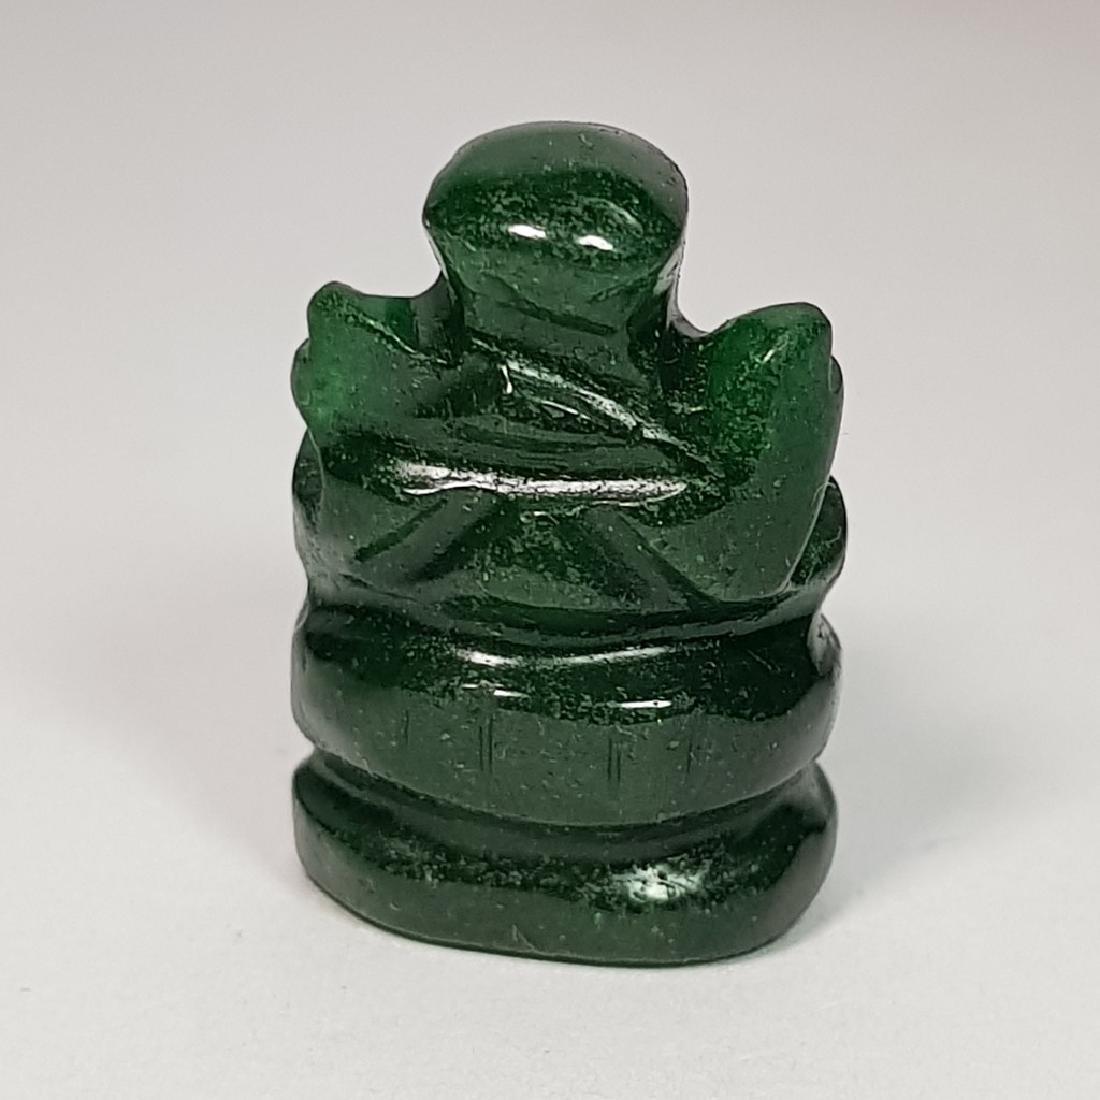 Jade Lord Ganesha Carving - 29.54 ct - 4